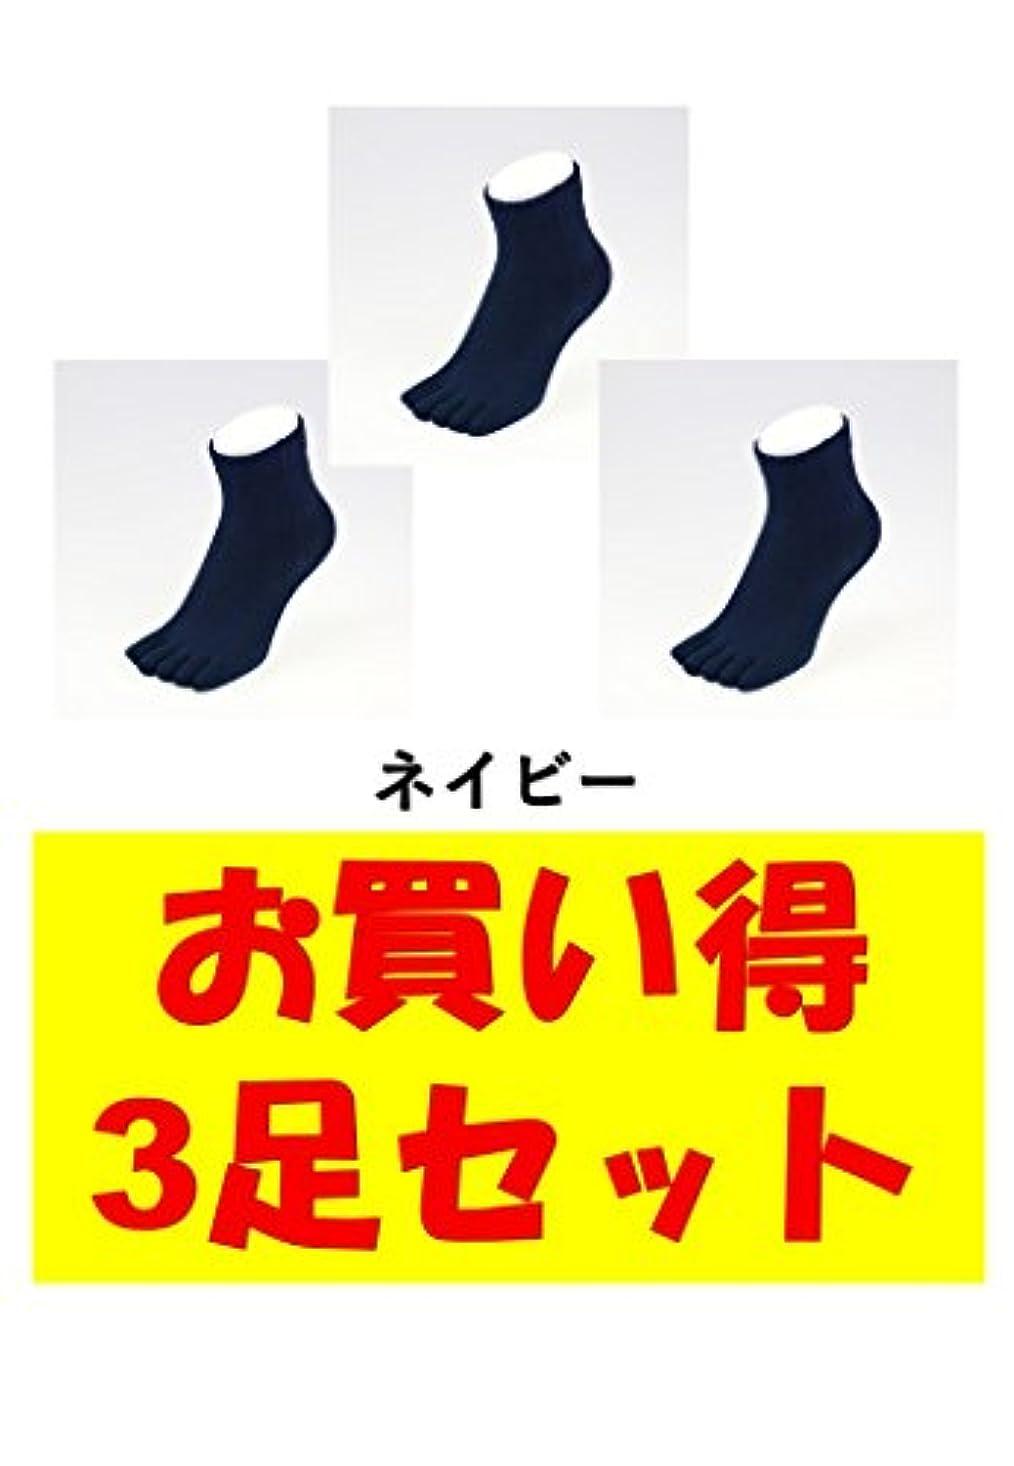 ラビリンス姿勢友だちお買い得3足セット 5本指 ゆびのばソックス Neo EVE(イヴ) ネイビー iサイズ(23.5cm - 25.5cm) YSNEVE-NVY